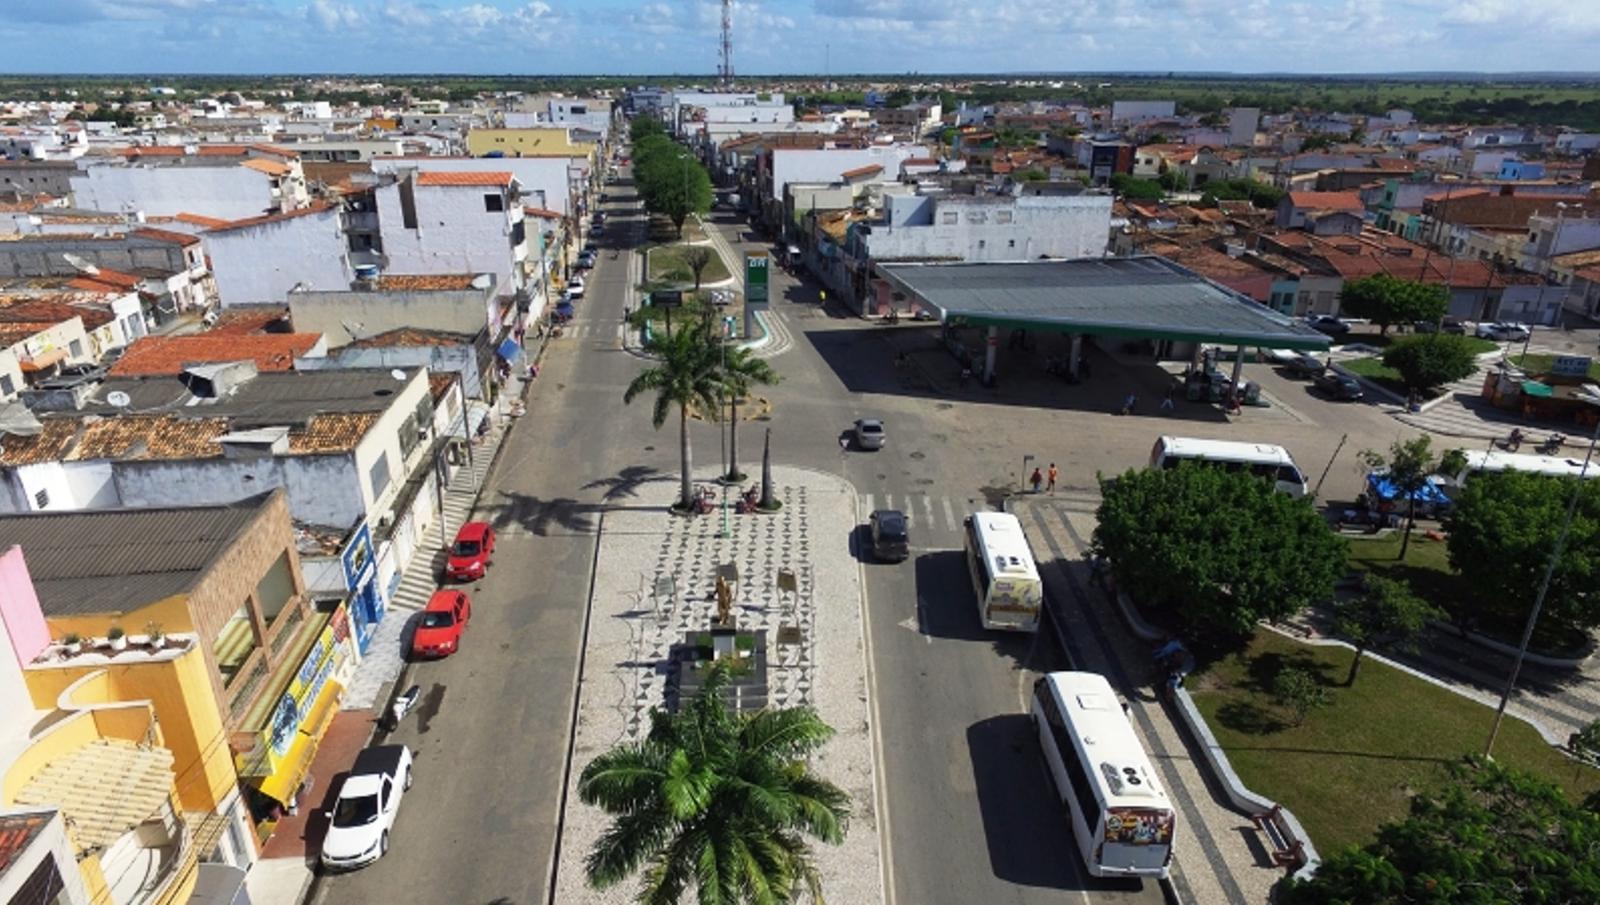 Tobias Barreto Sergipe fonte: 1.bp.blogspot.com